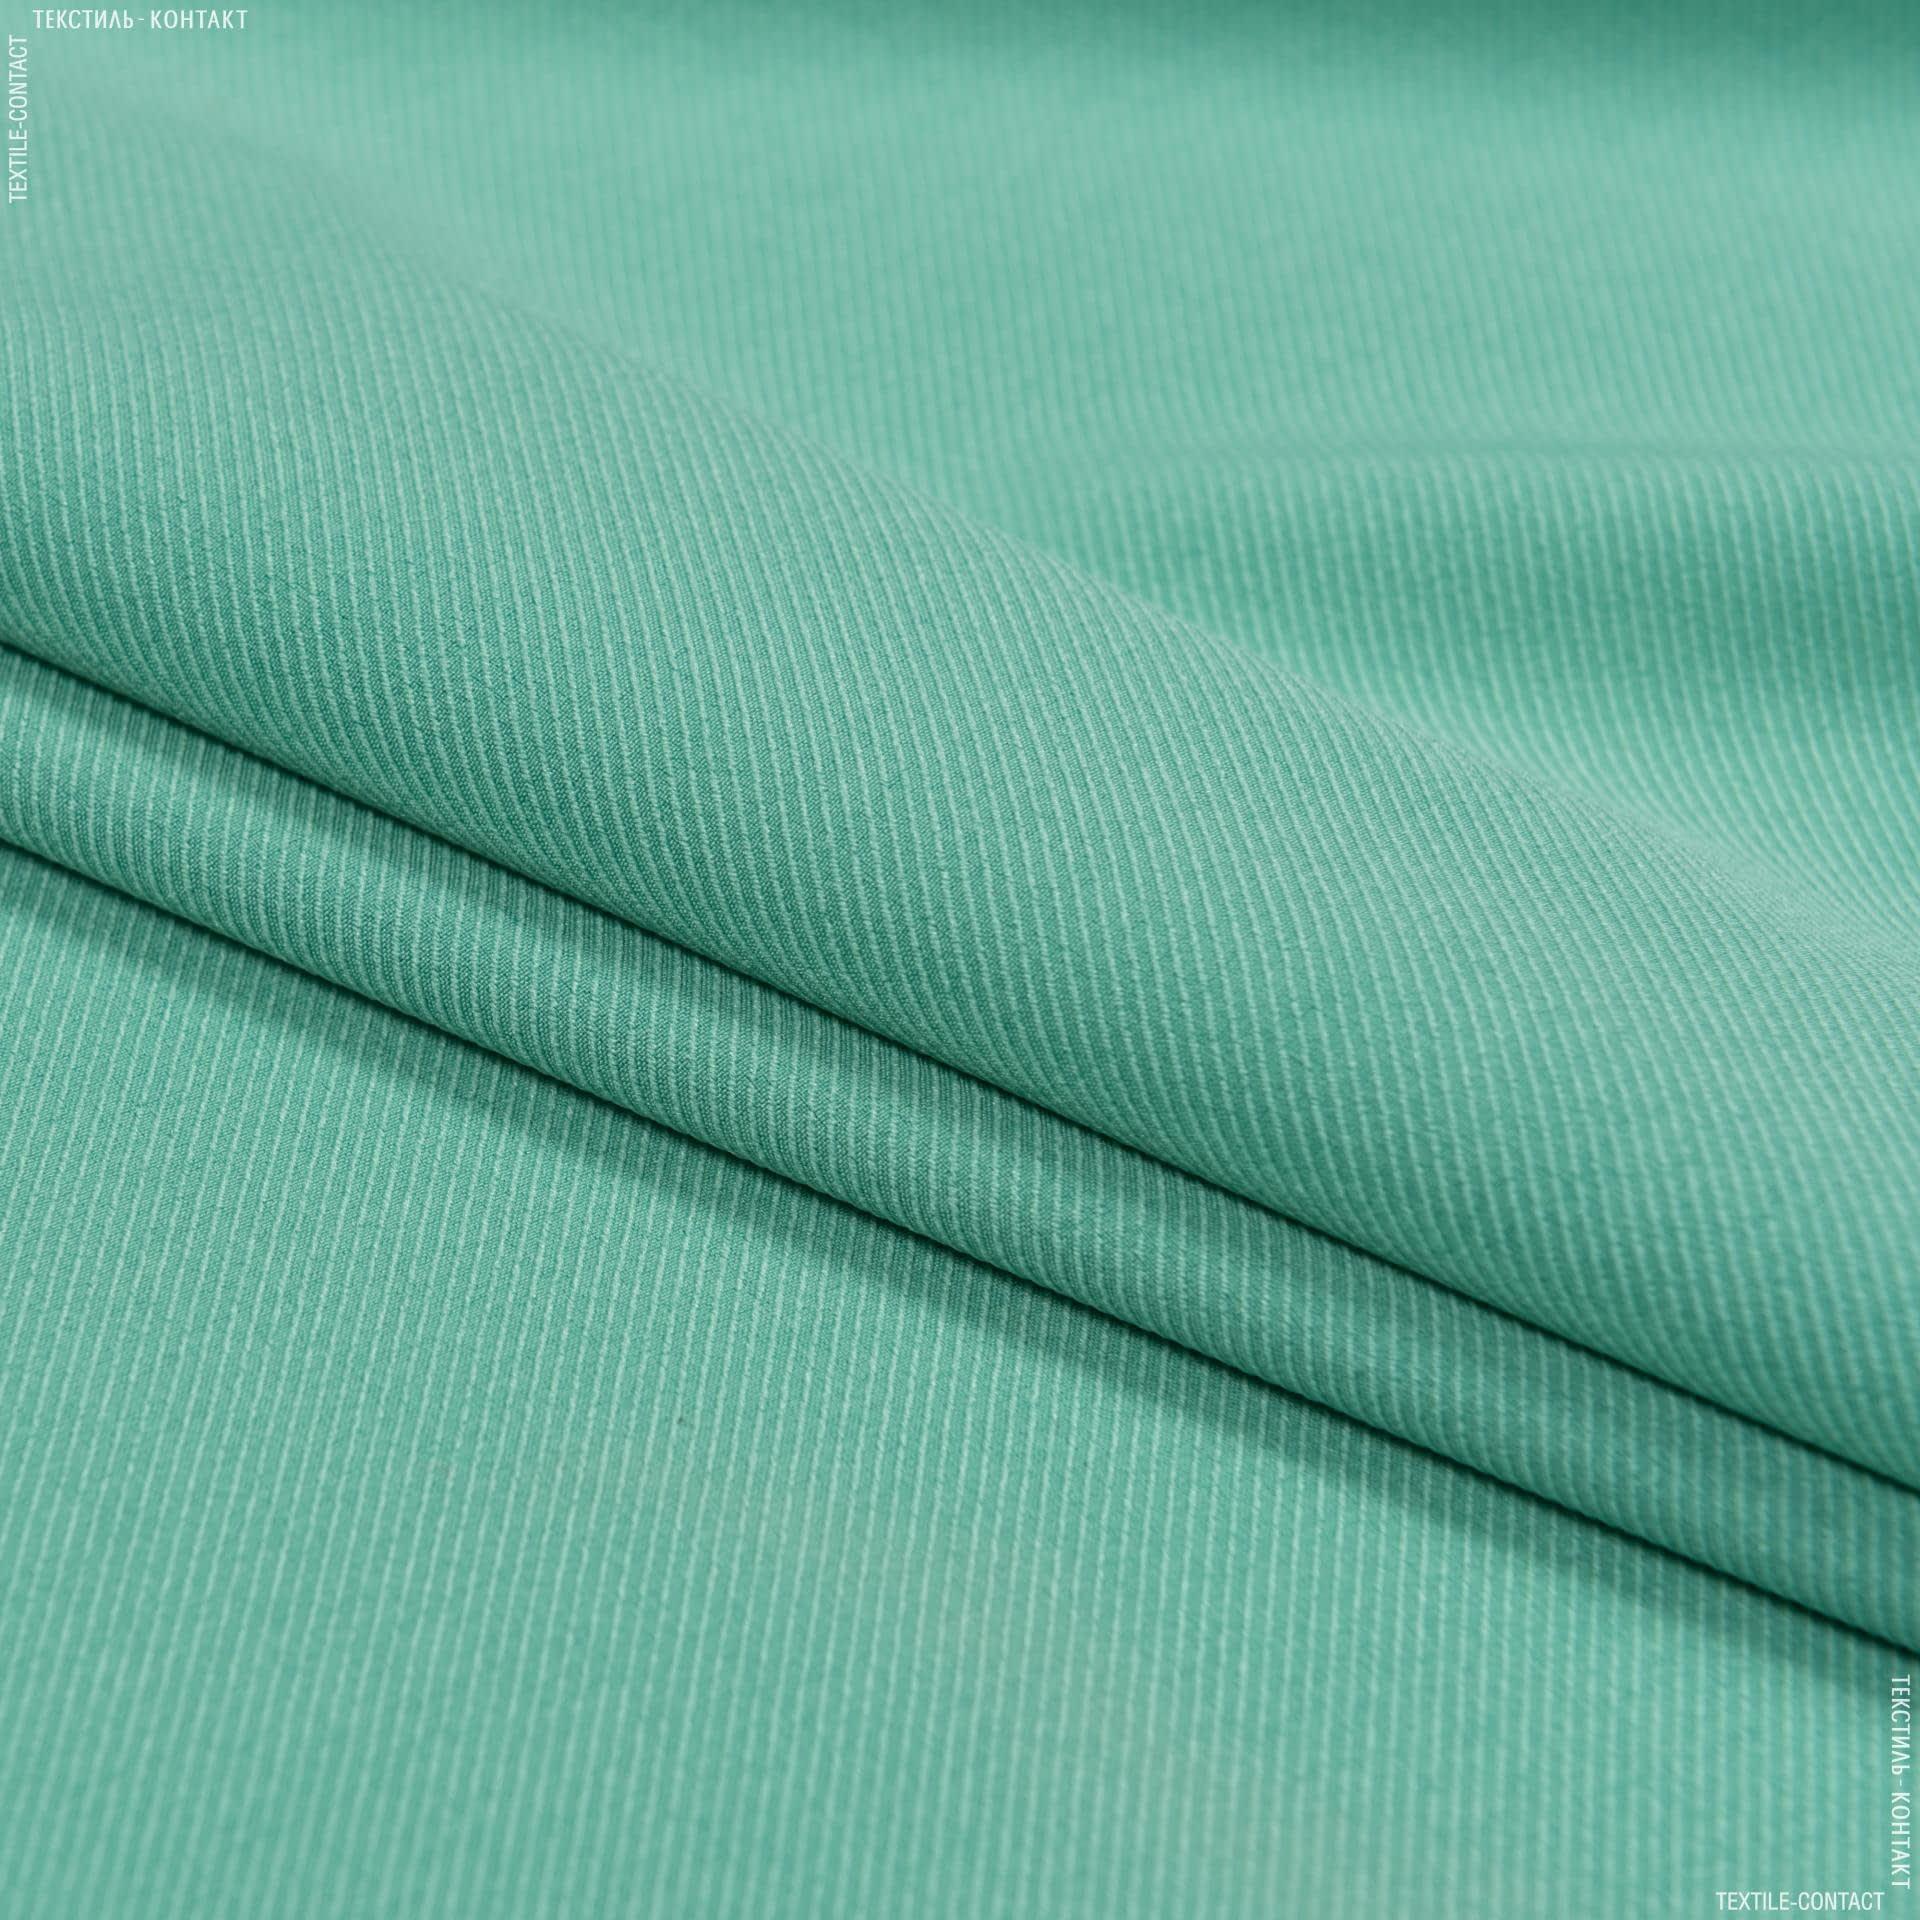 Ткани для платьев - Плательная диагональ светло-оливковый